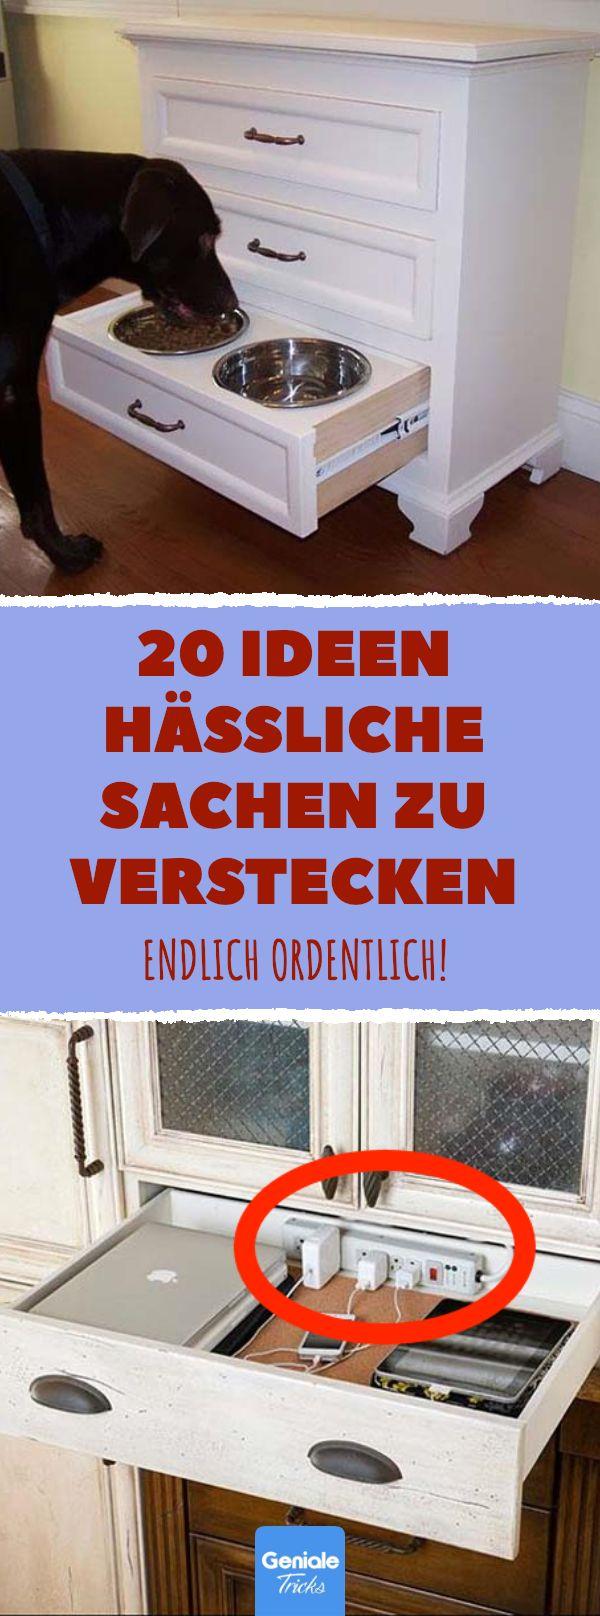 20 Ideen hässliche Sachen zu verstecken #aufräum…